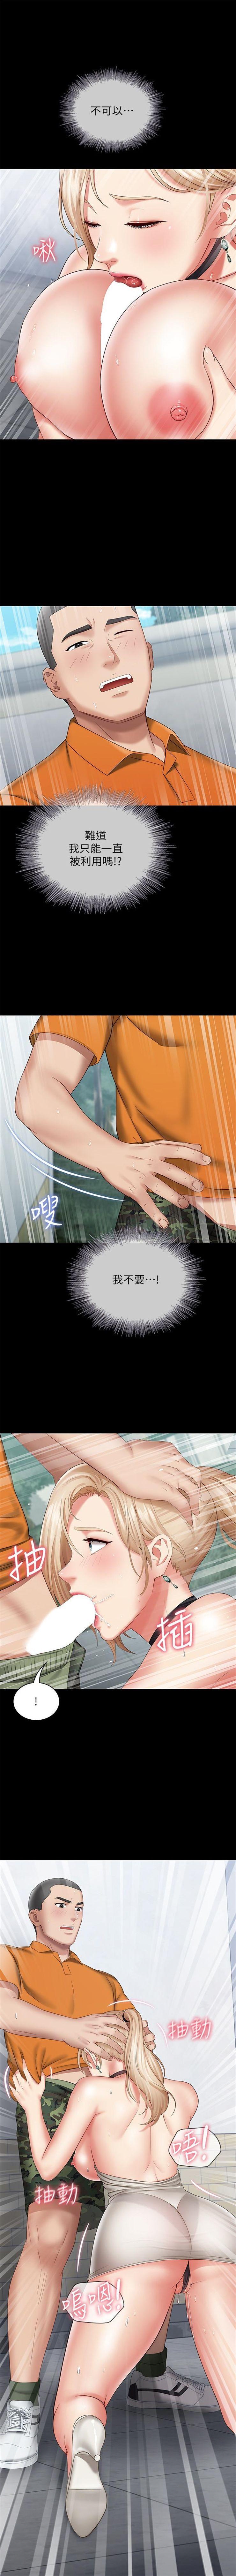 (週6)妹妹的義務 1-19 中文翻譯(更新中) 148